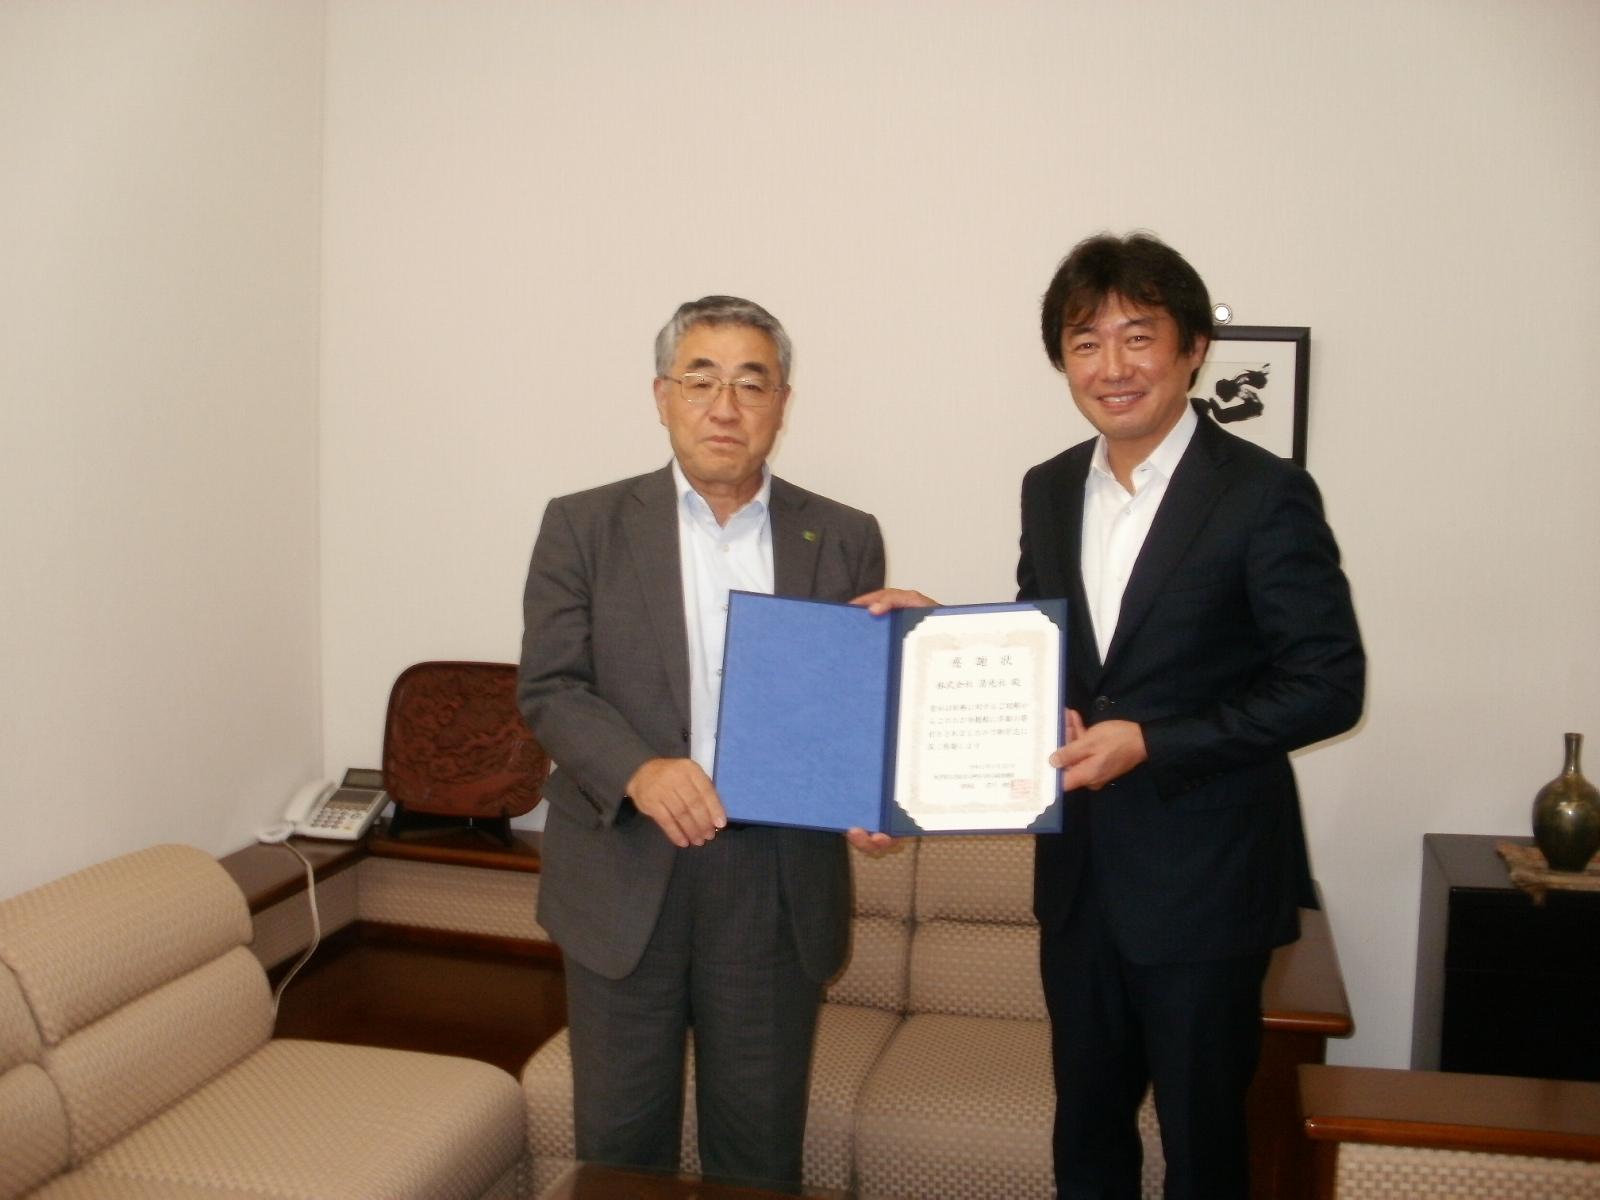 [新型コロナ感染症対策]神奈川県立病院機構より感謝状をいただきました